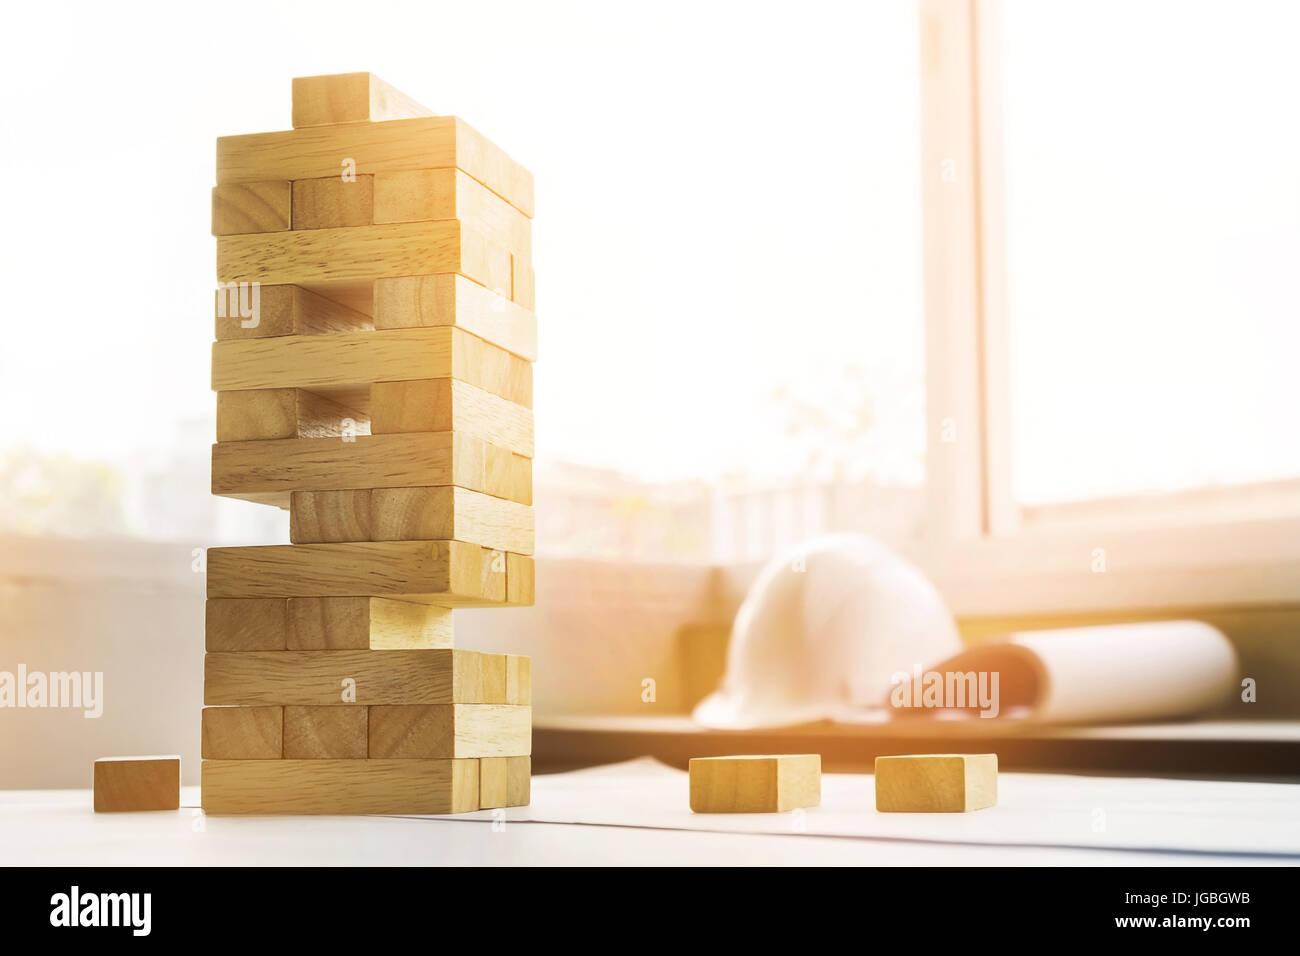 Los Bloques De Madera Con El Juego De La Torre Ingeniero Arquitecto